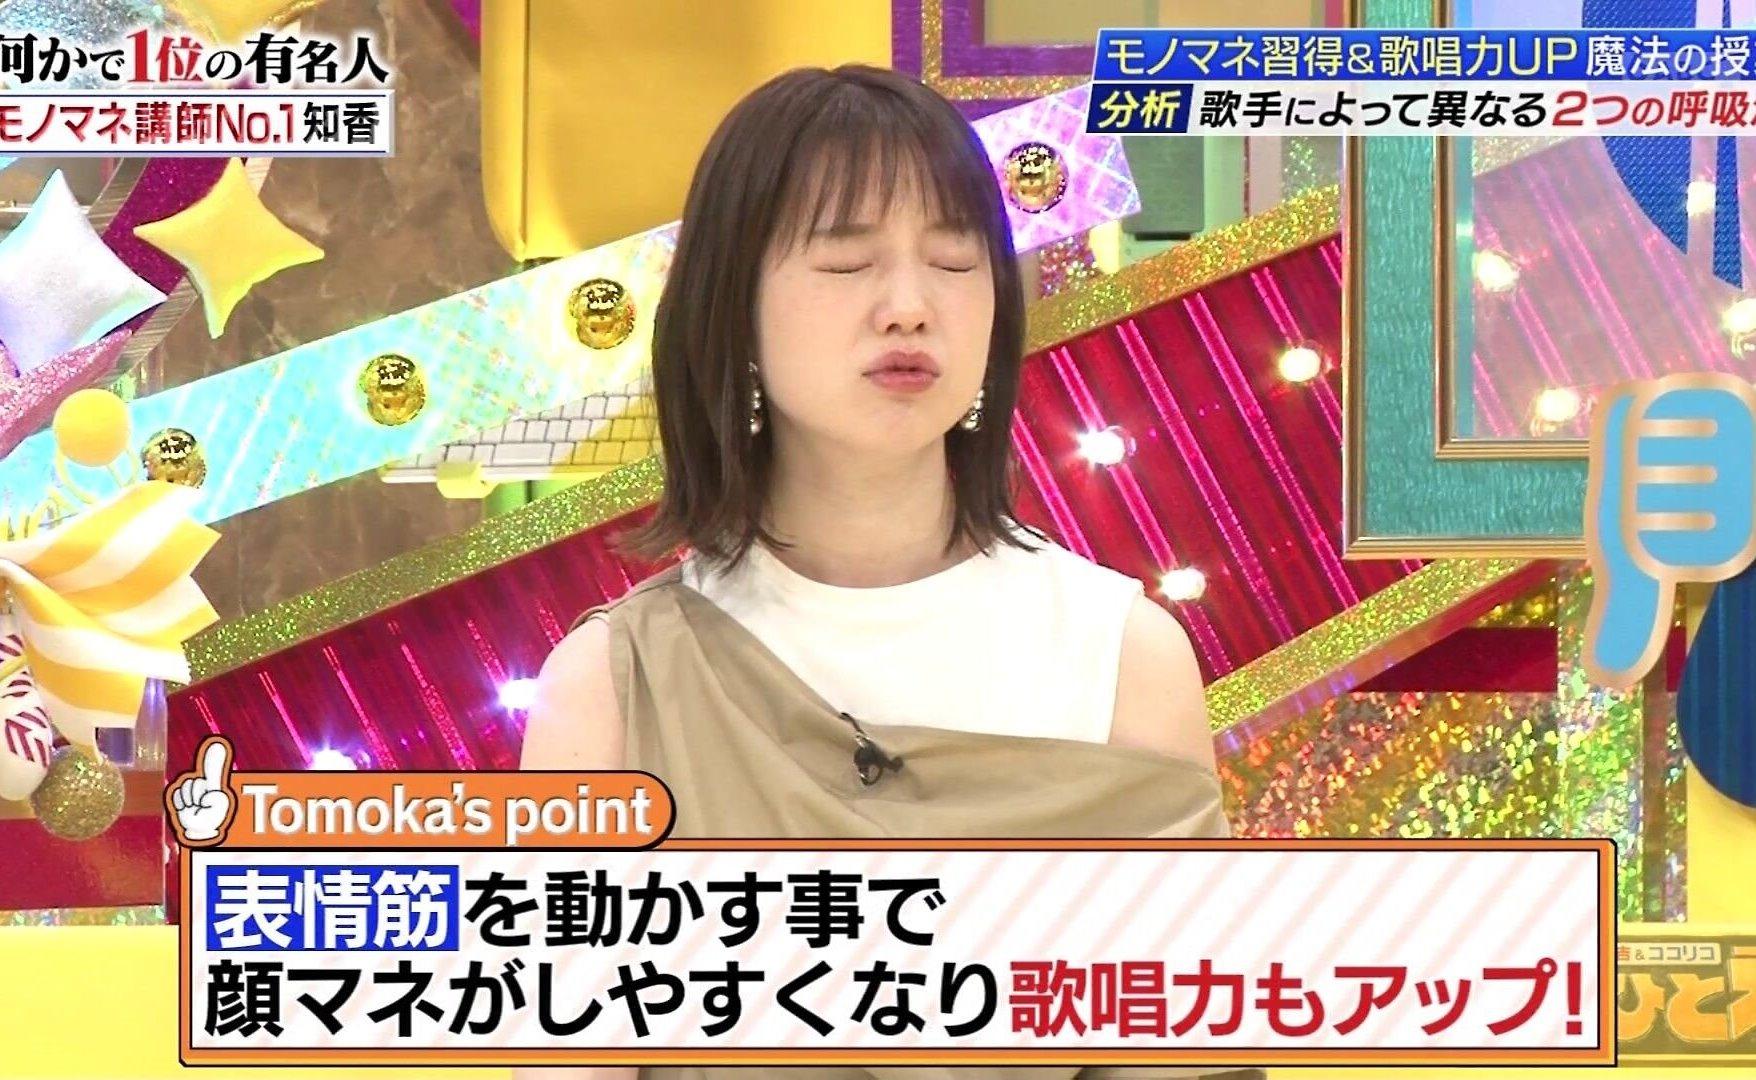 弘中綾香の変顔&舌出し (4)